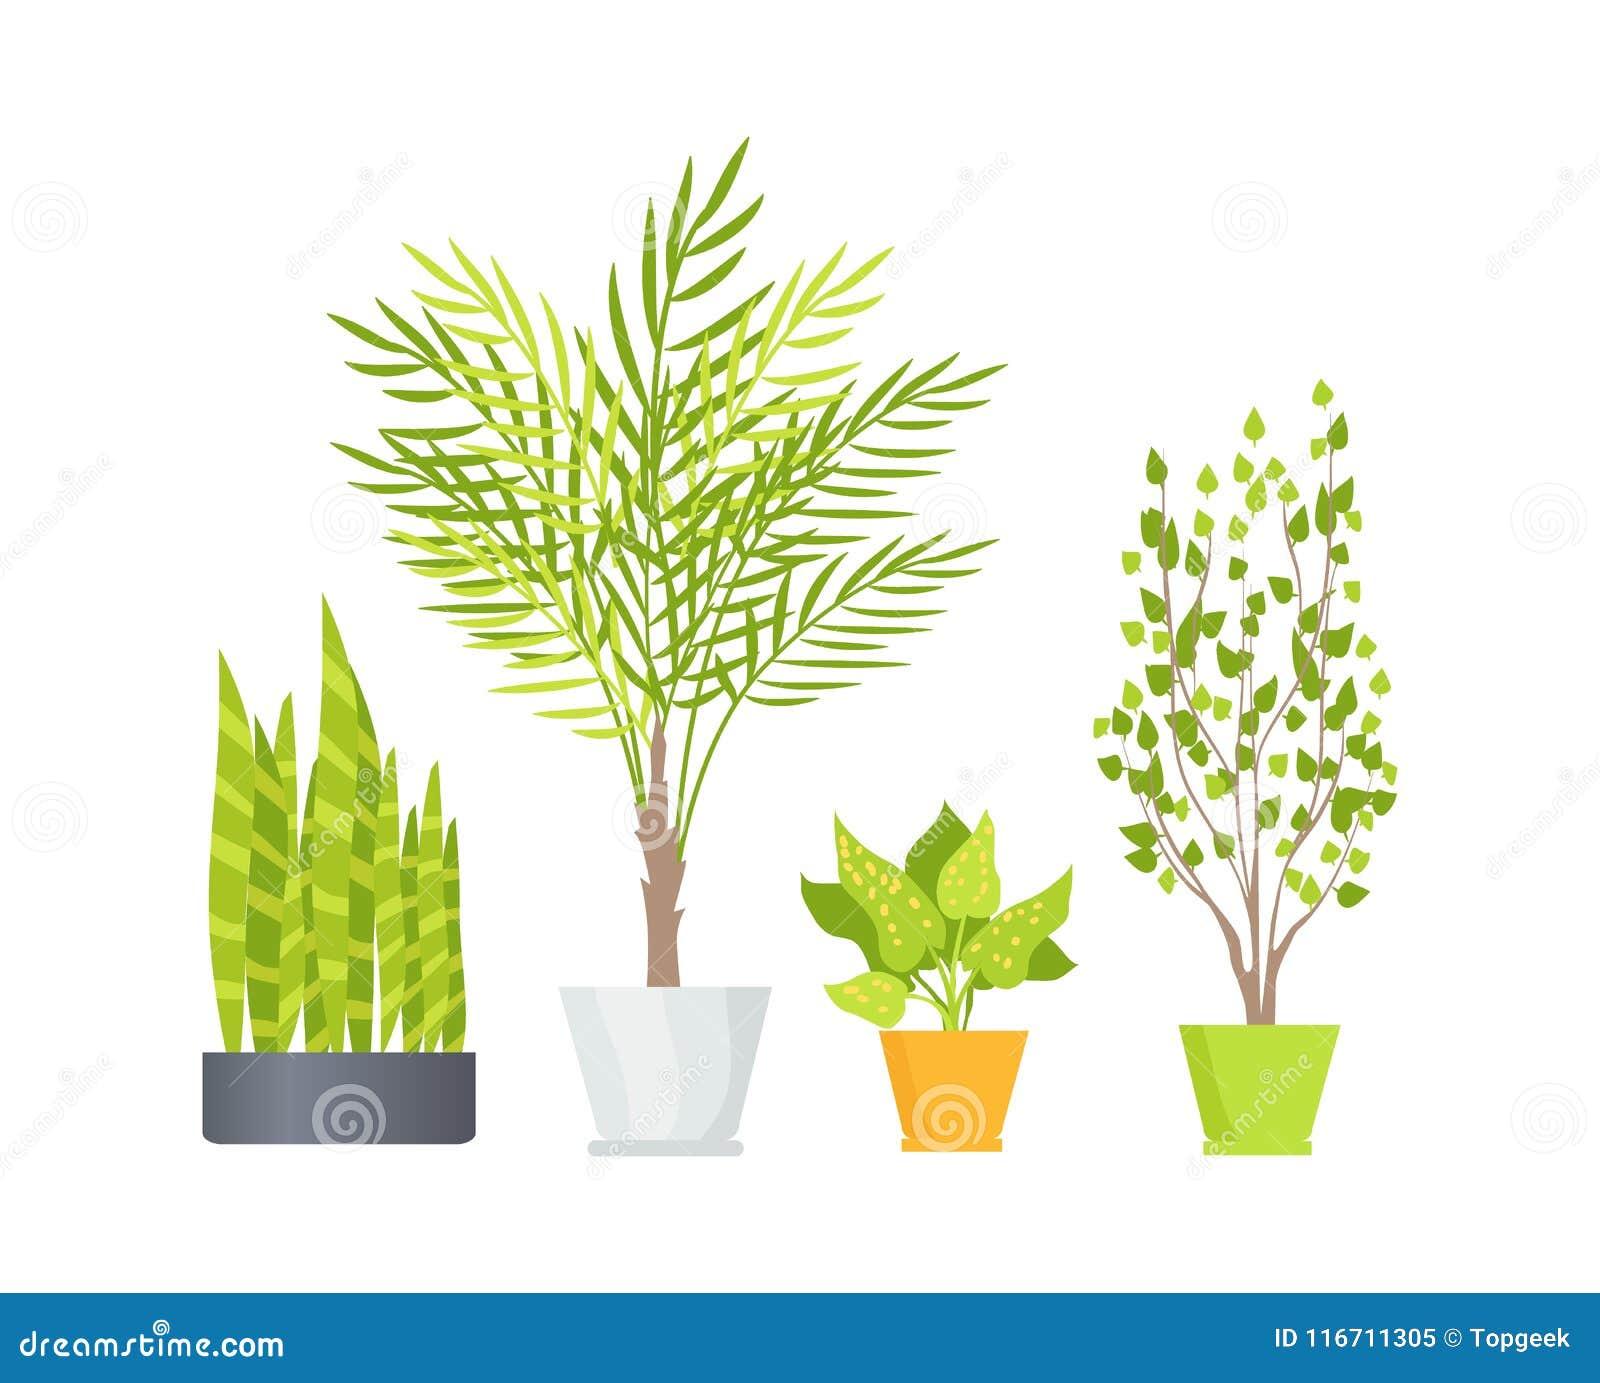 Indoor Floor Plants In Pots Isolated Illustrations Stock Vector ...